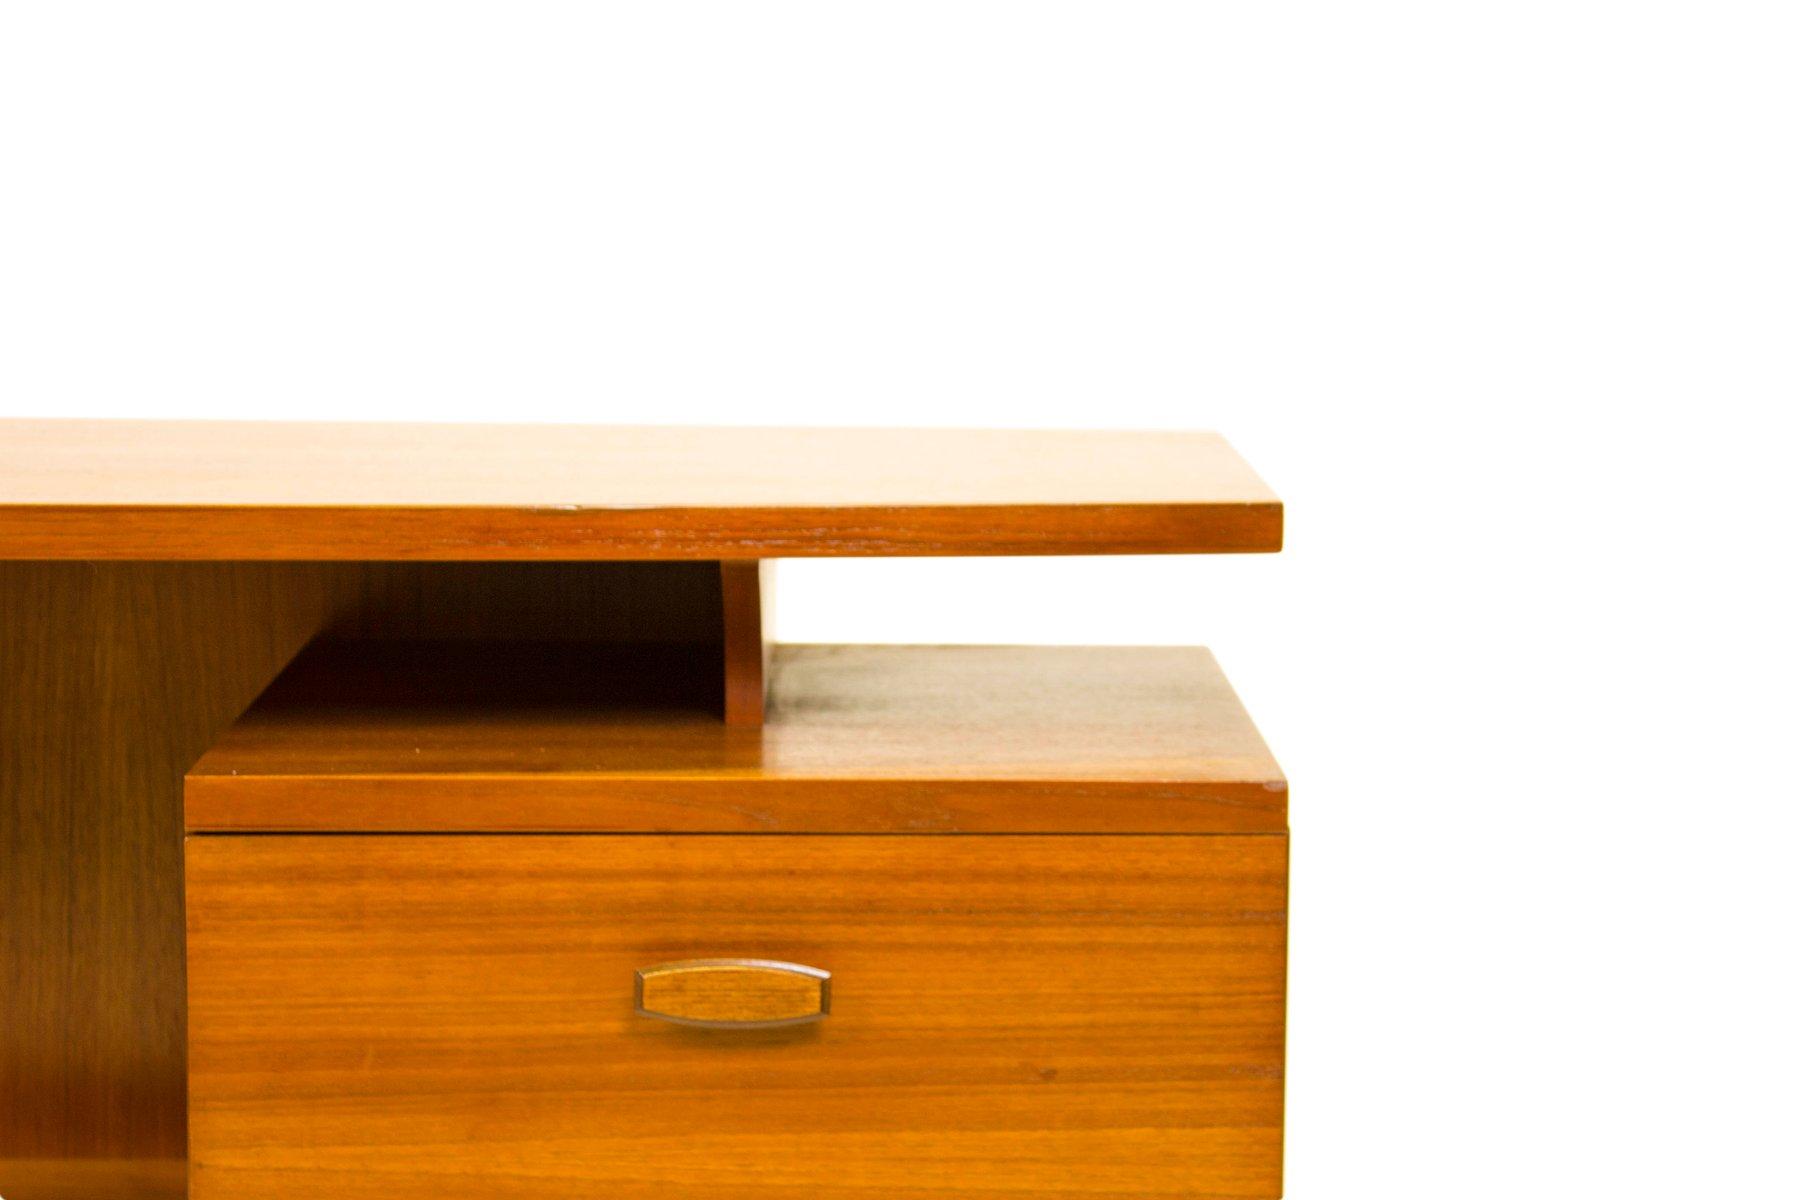 mid century schreibtisch oder frisiertisch von r bennett f r g plan bei pamono kaufen. Black Bedroom Furniture Sets. Home Design Ideas